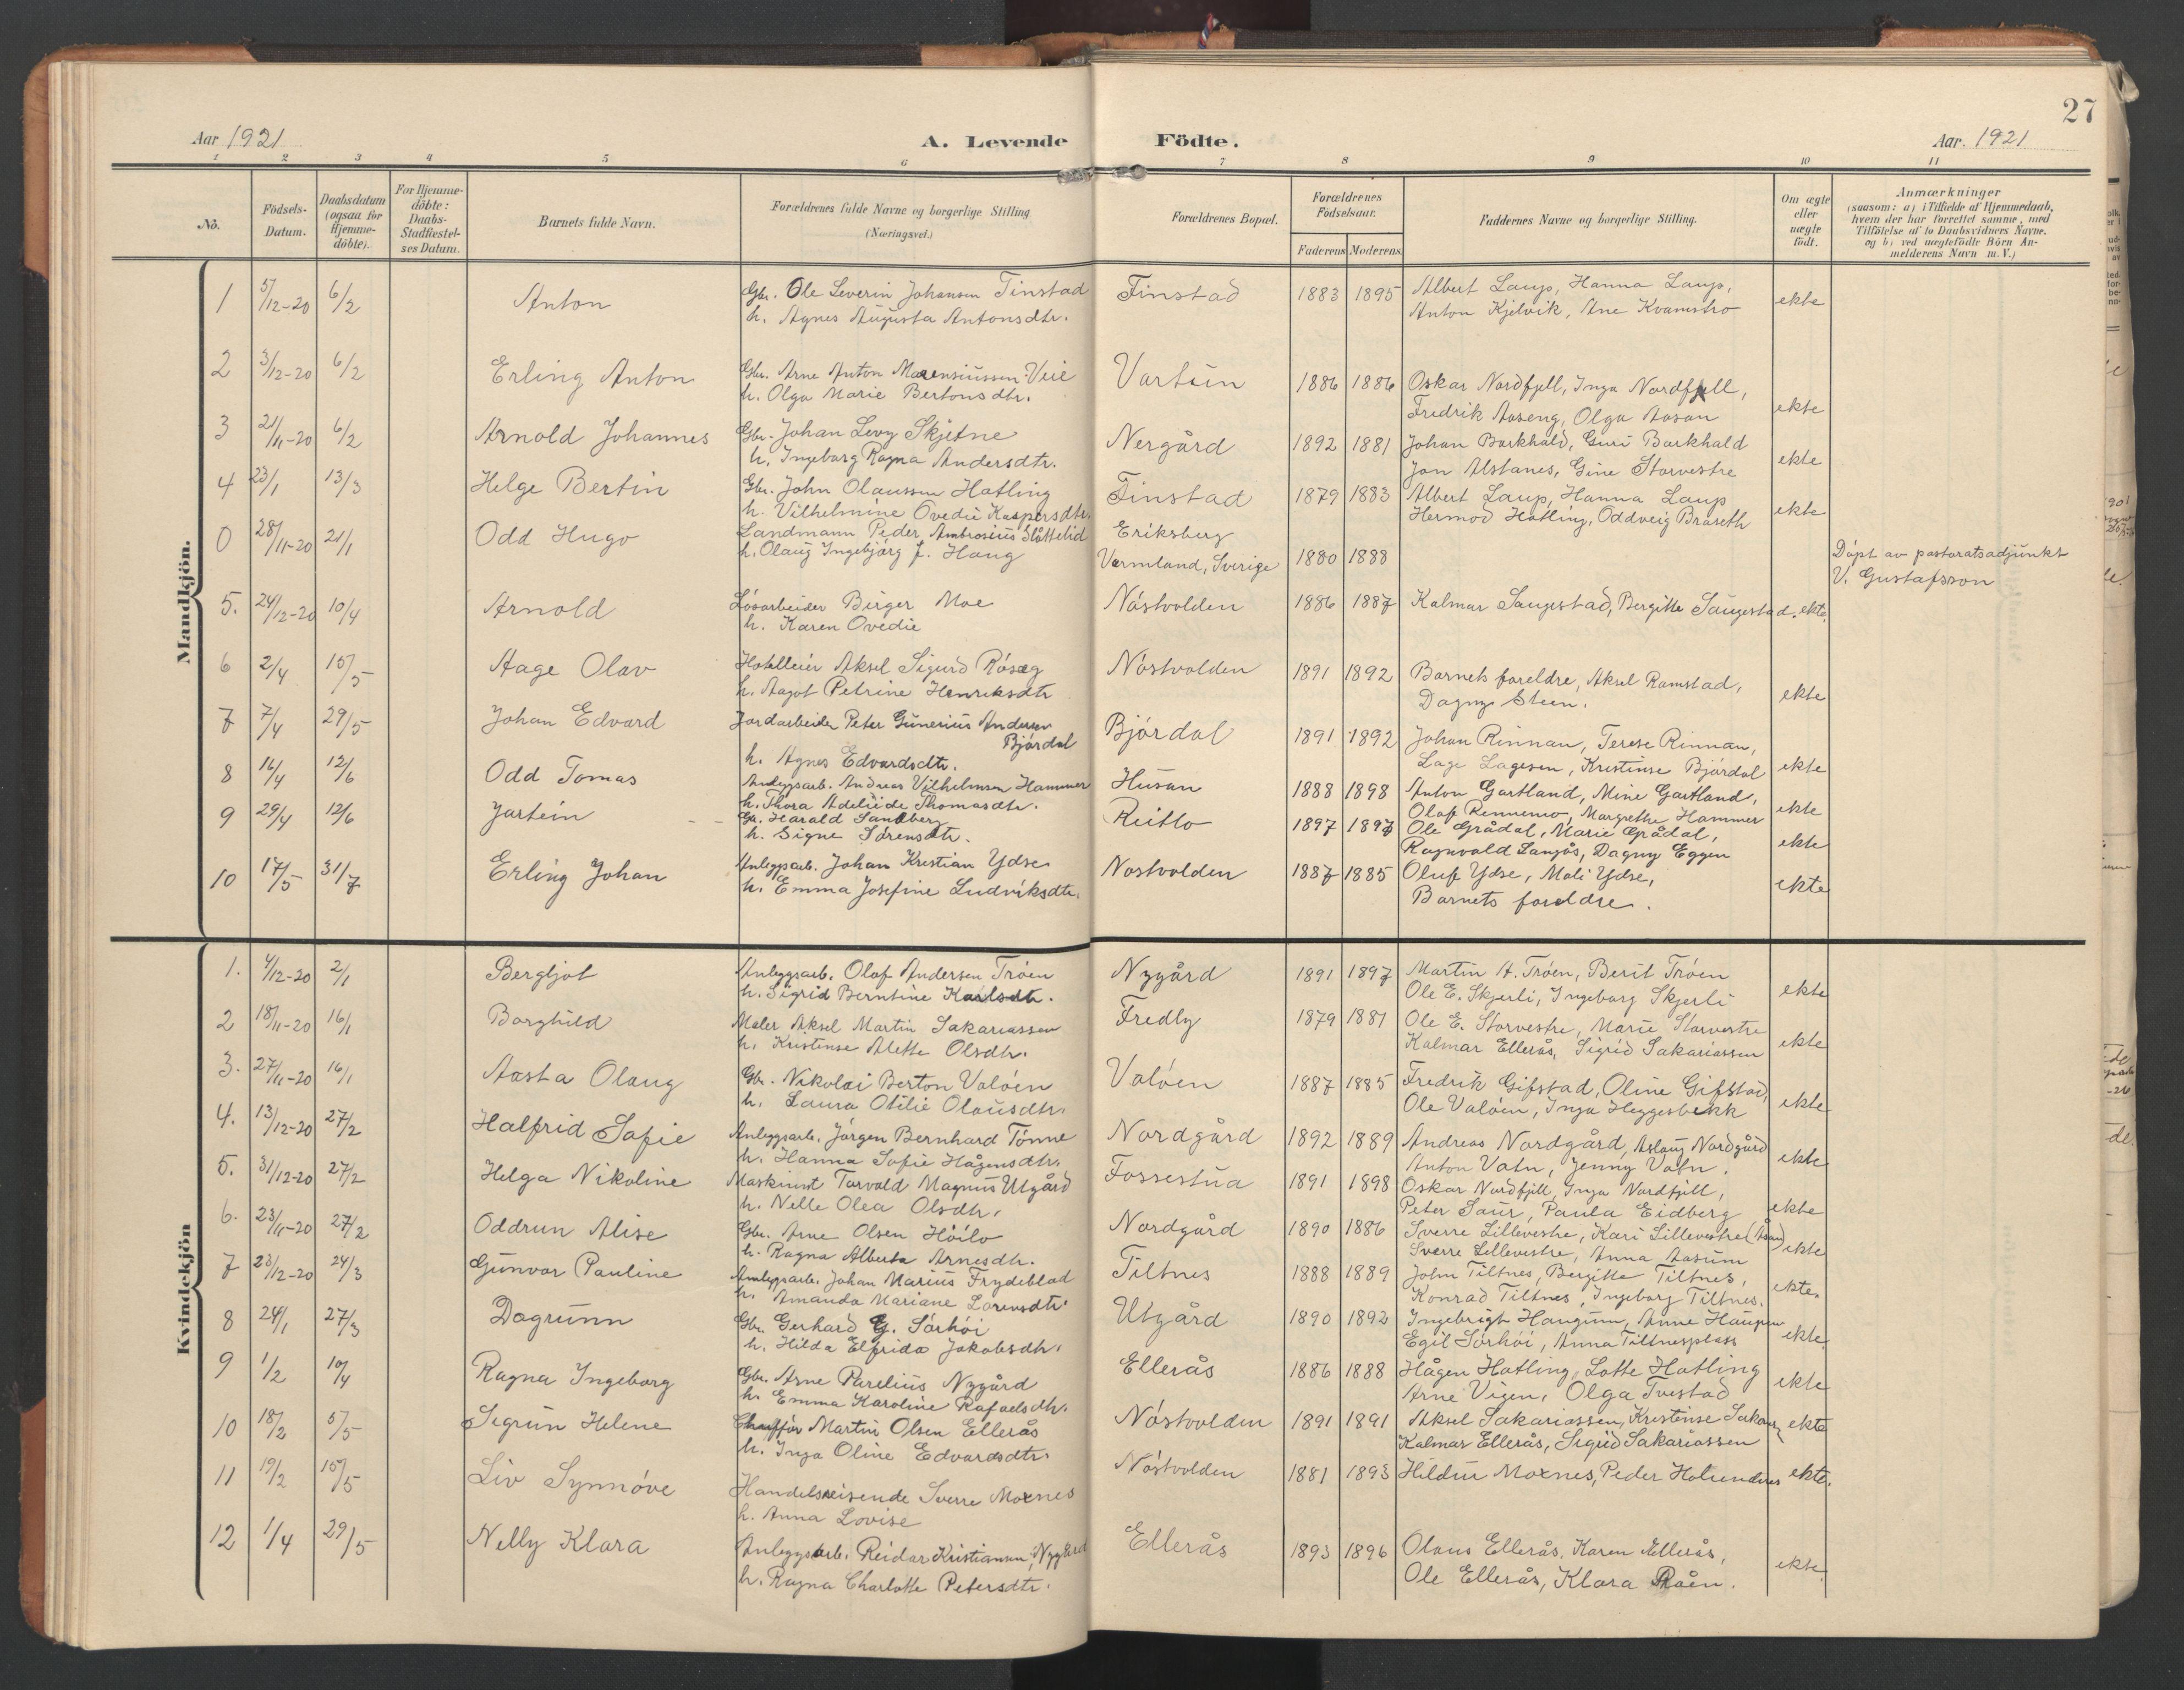 SAT, Ministerialprotokoller, klokkerbøker og fødselsregistre - Nord-Trøndelag, 746/L0455: Klokkerbok nr. 746C01, 1908-1933, s. 27